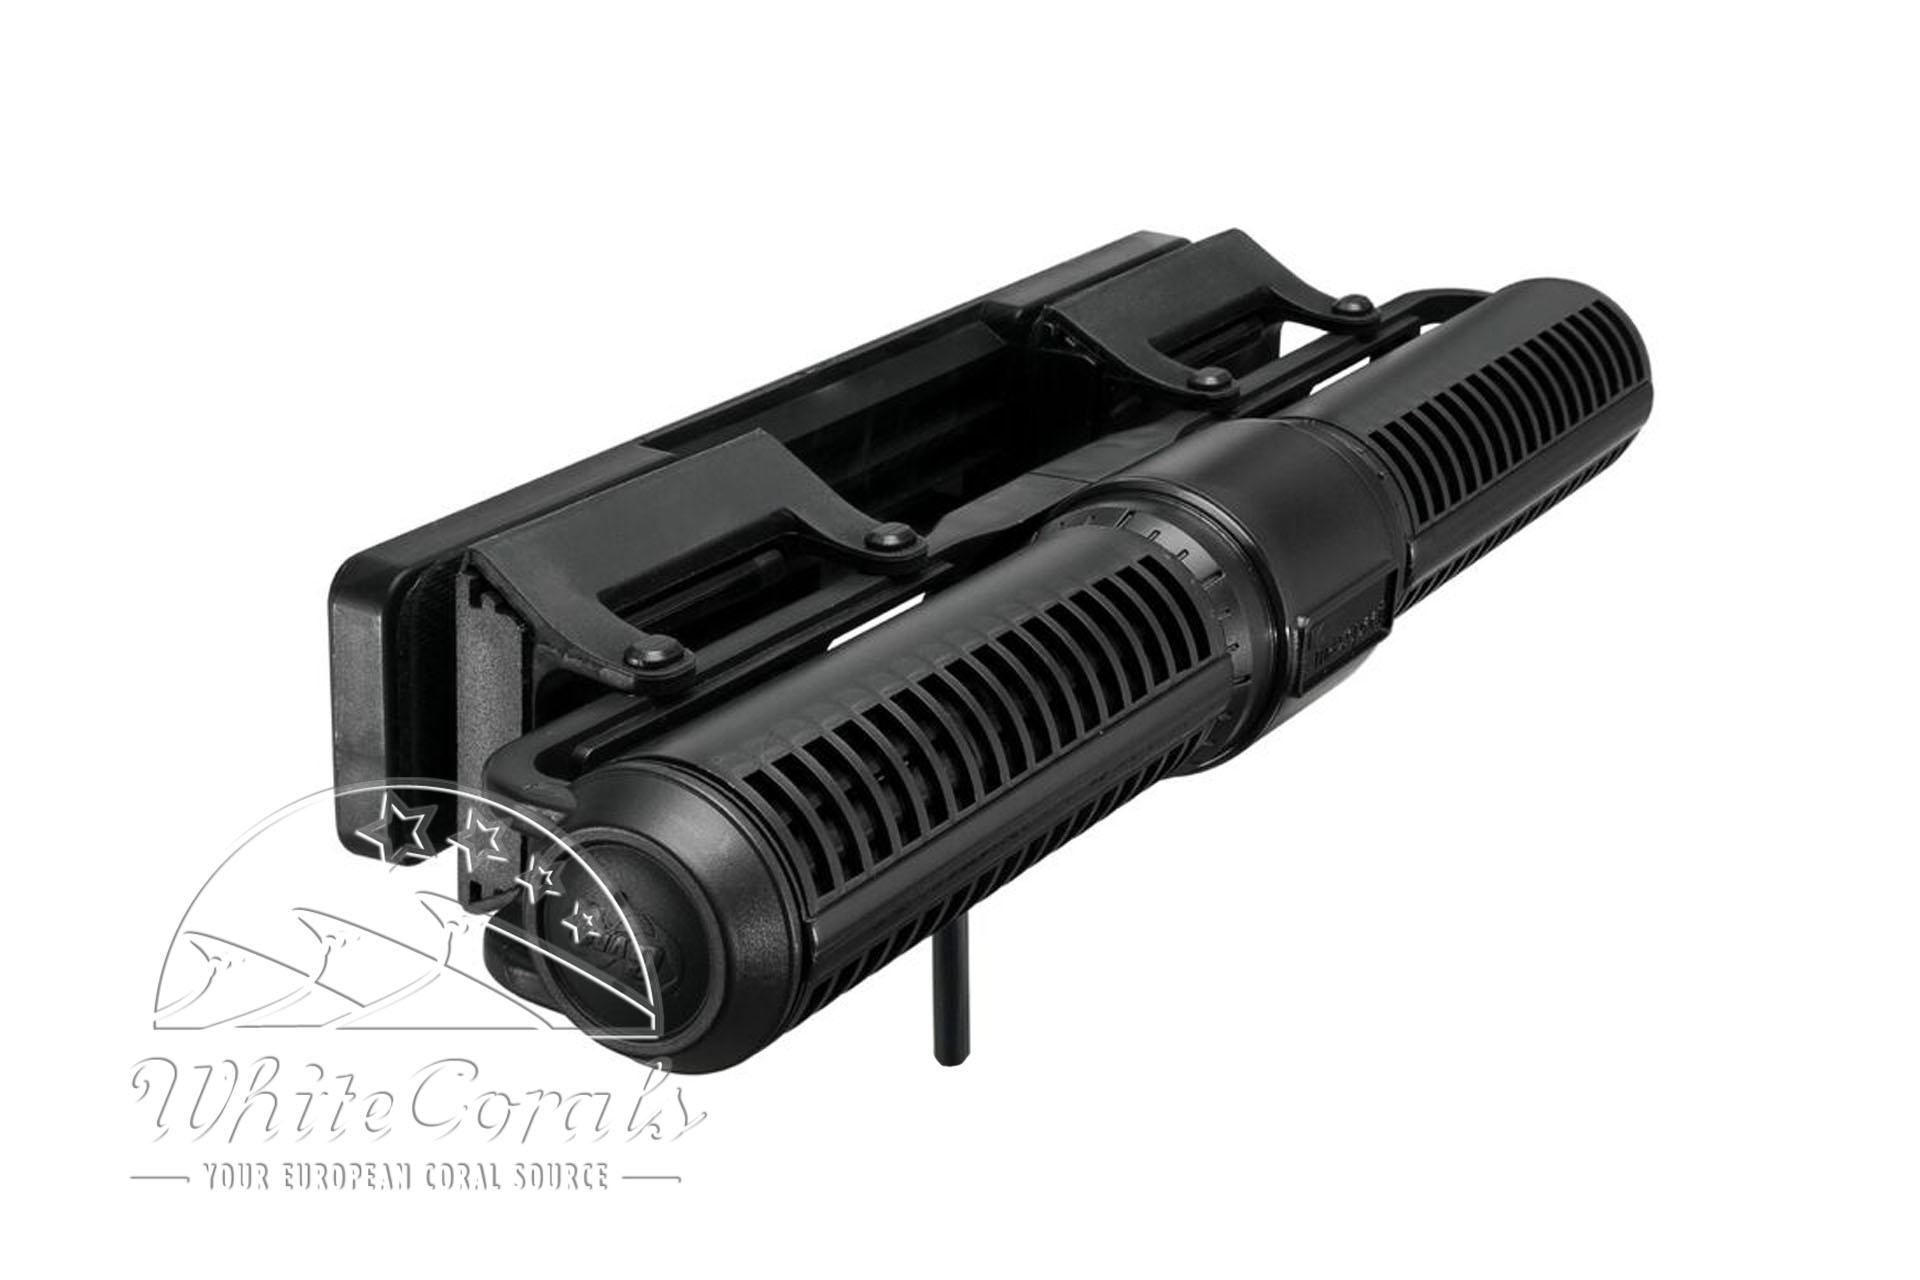 Maxspect Gyre XF-280 Pumpe und Netzteil